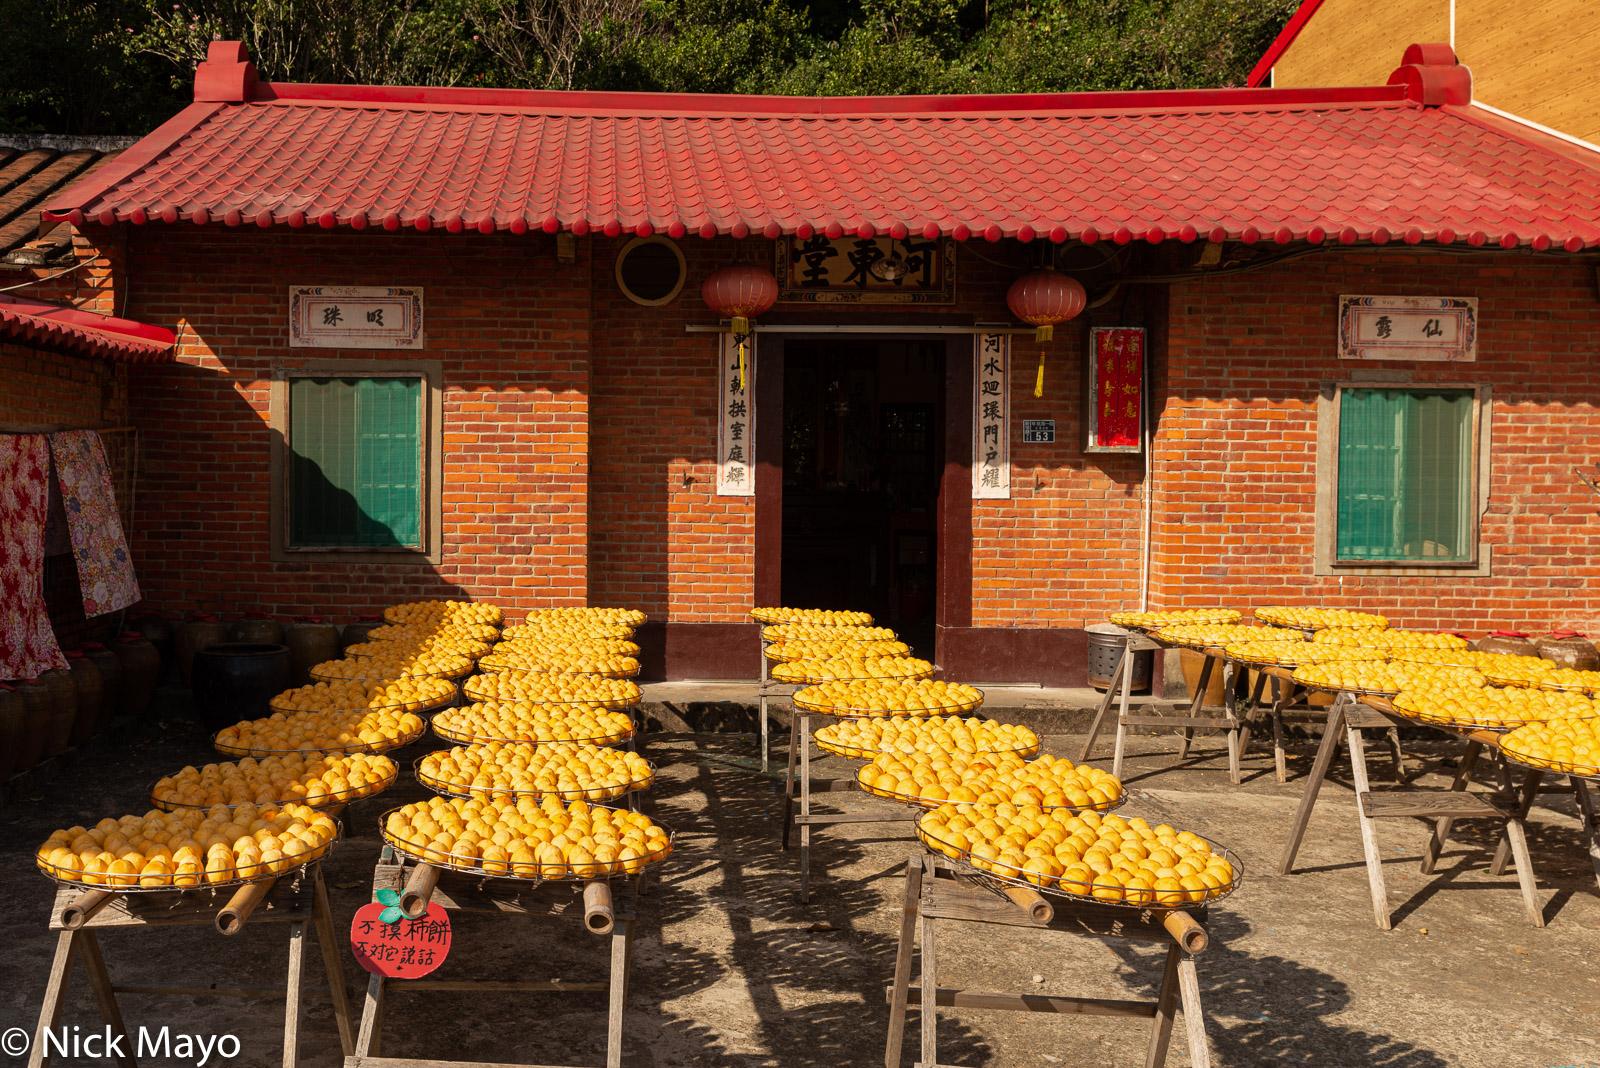 Persimmons drying in a farmhouse courtyard near Xinpu in Hsinchu County.